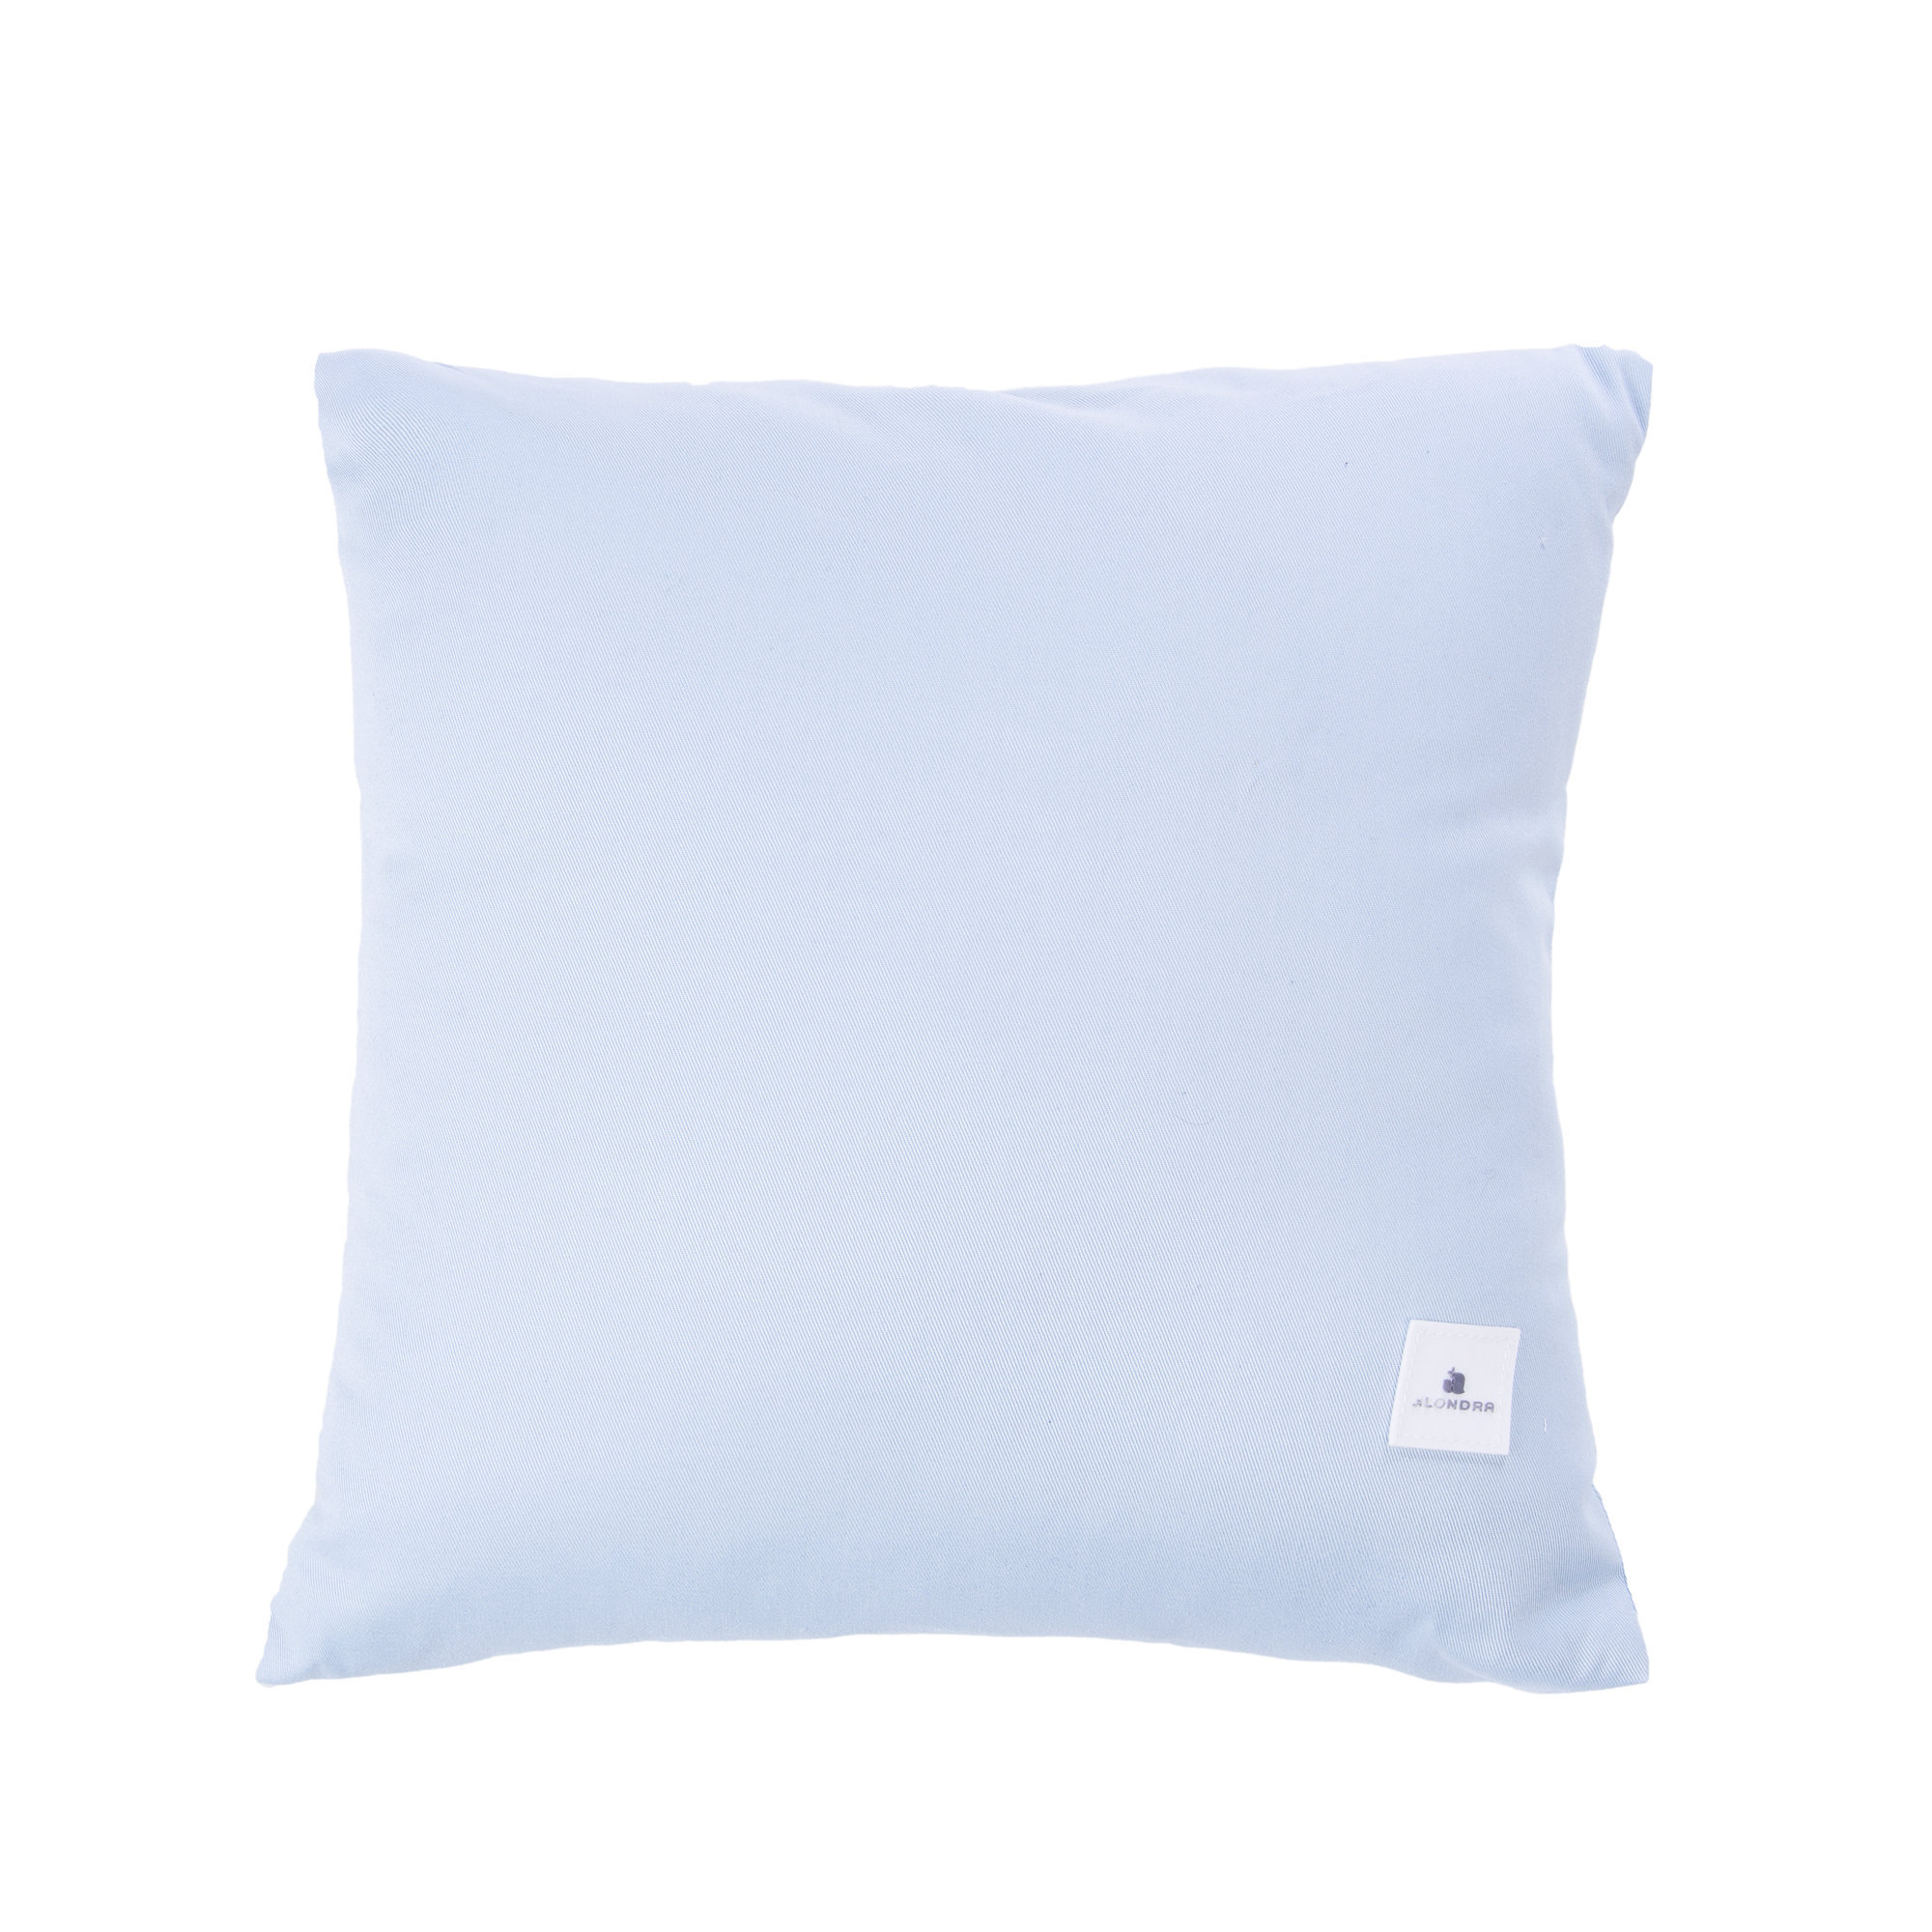 Cojines infantiles decorativos para habitación de bebé azul claro